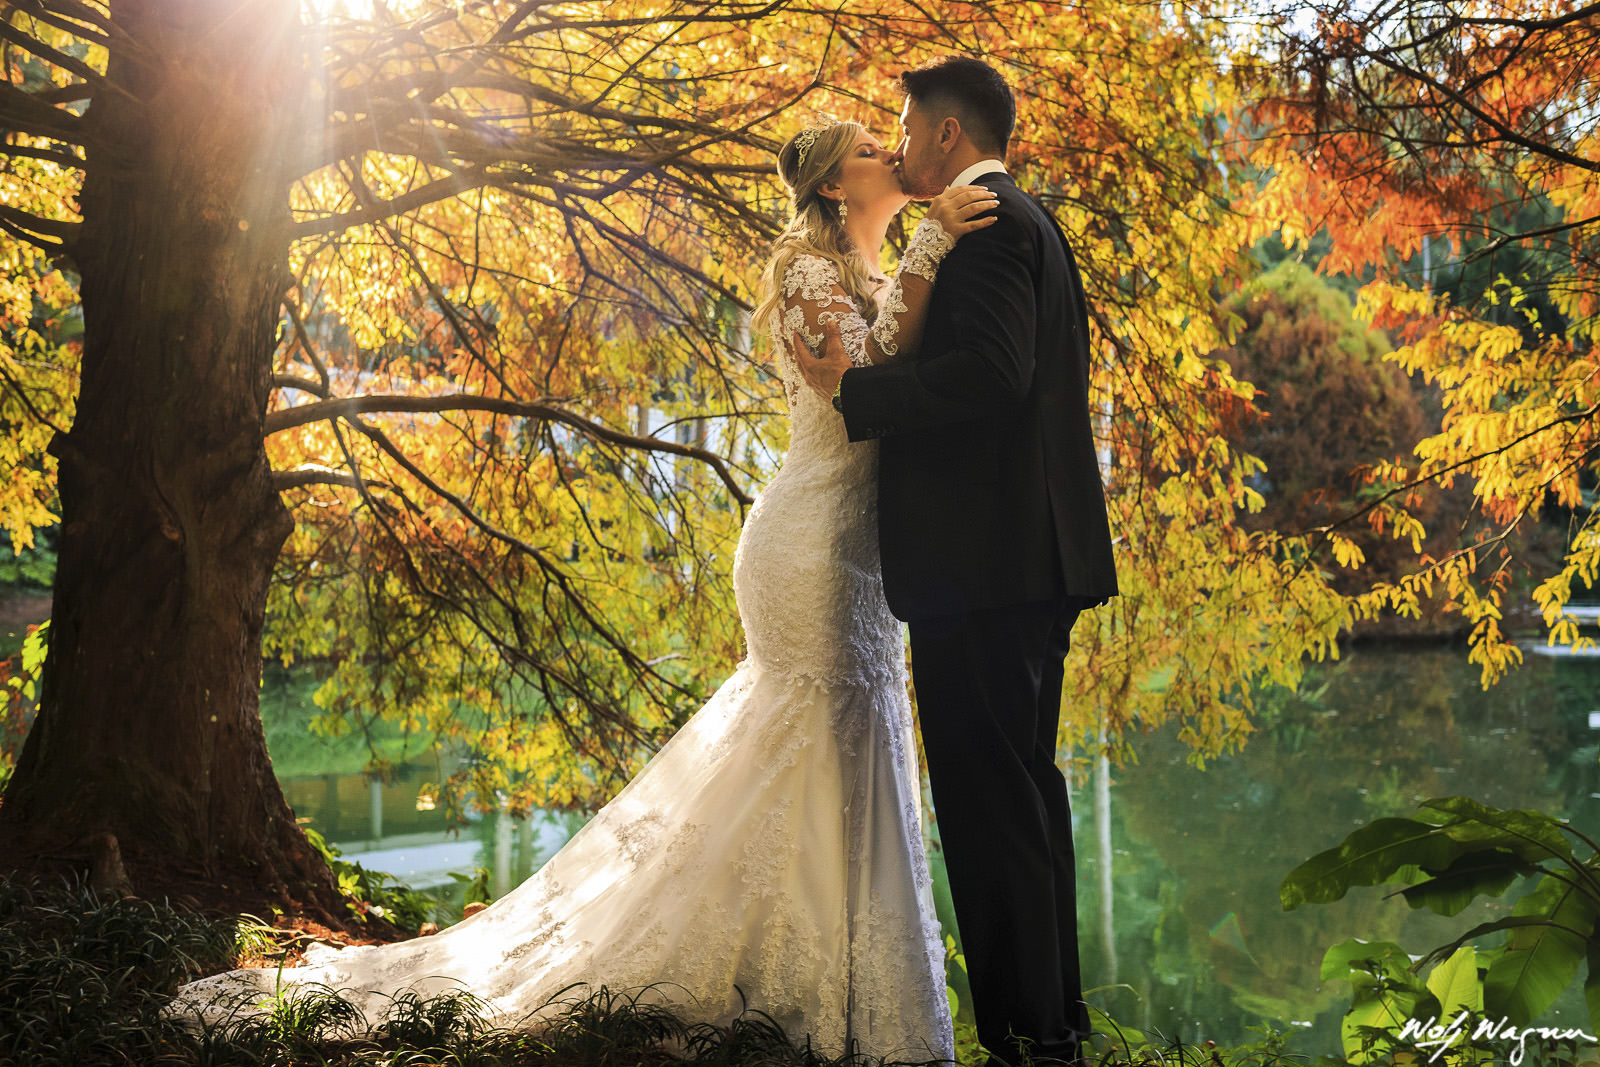 Fotografo de casamento BH externas